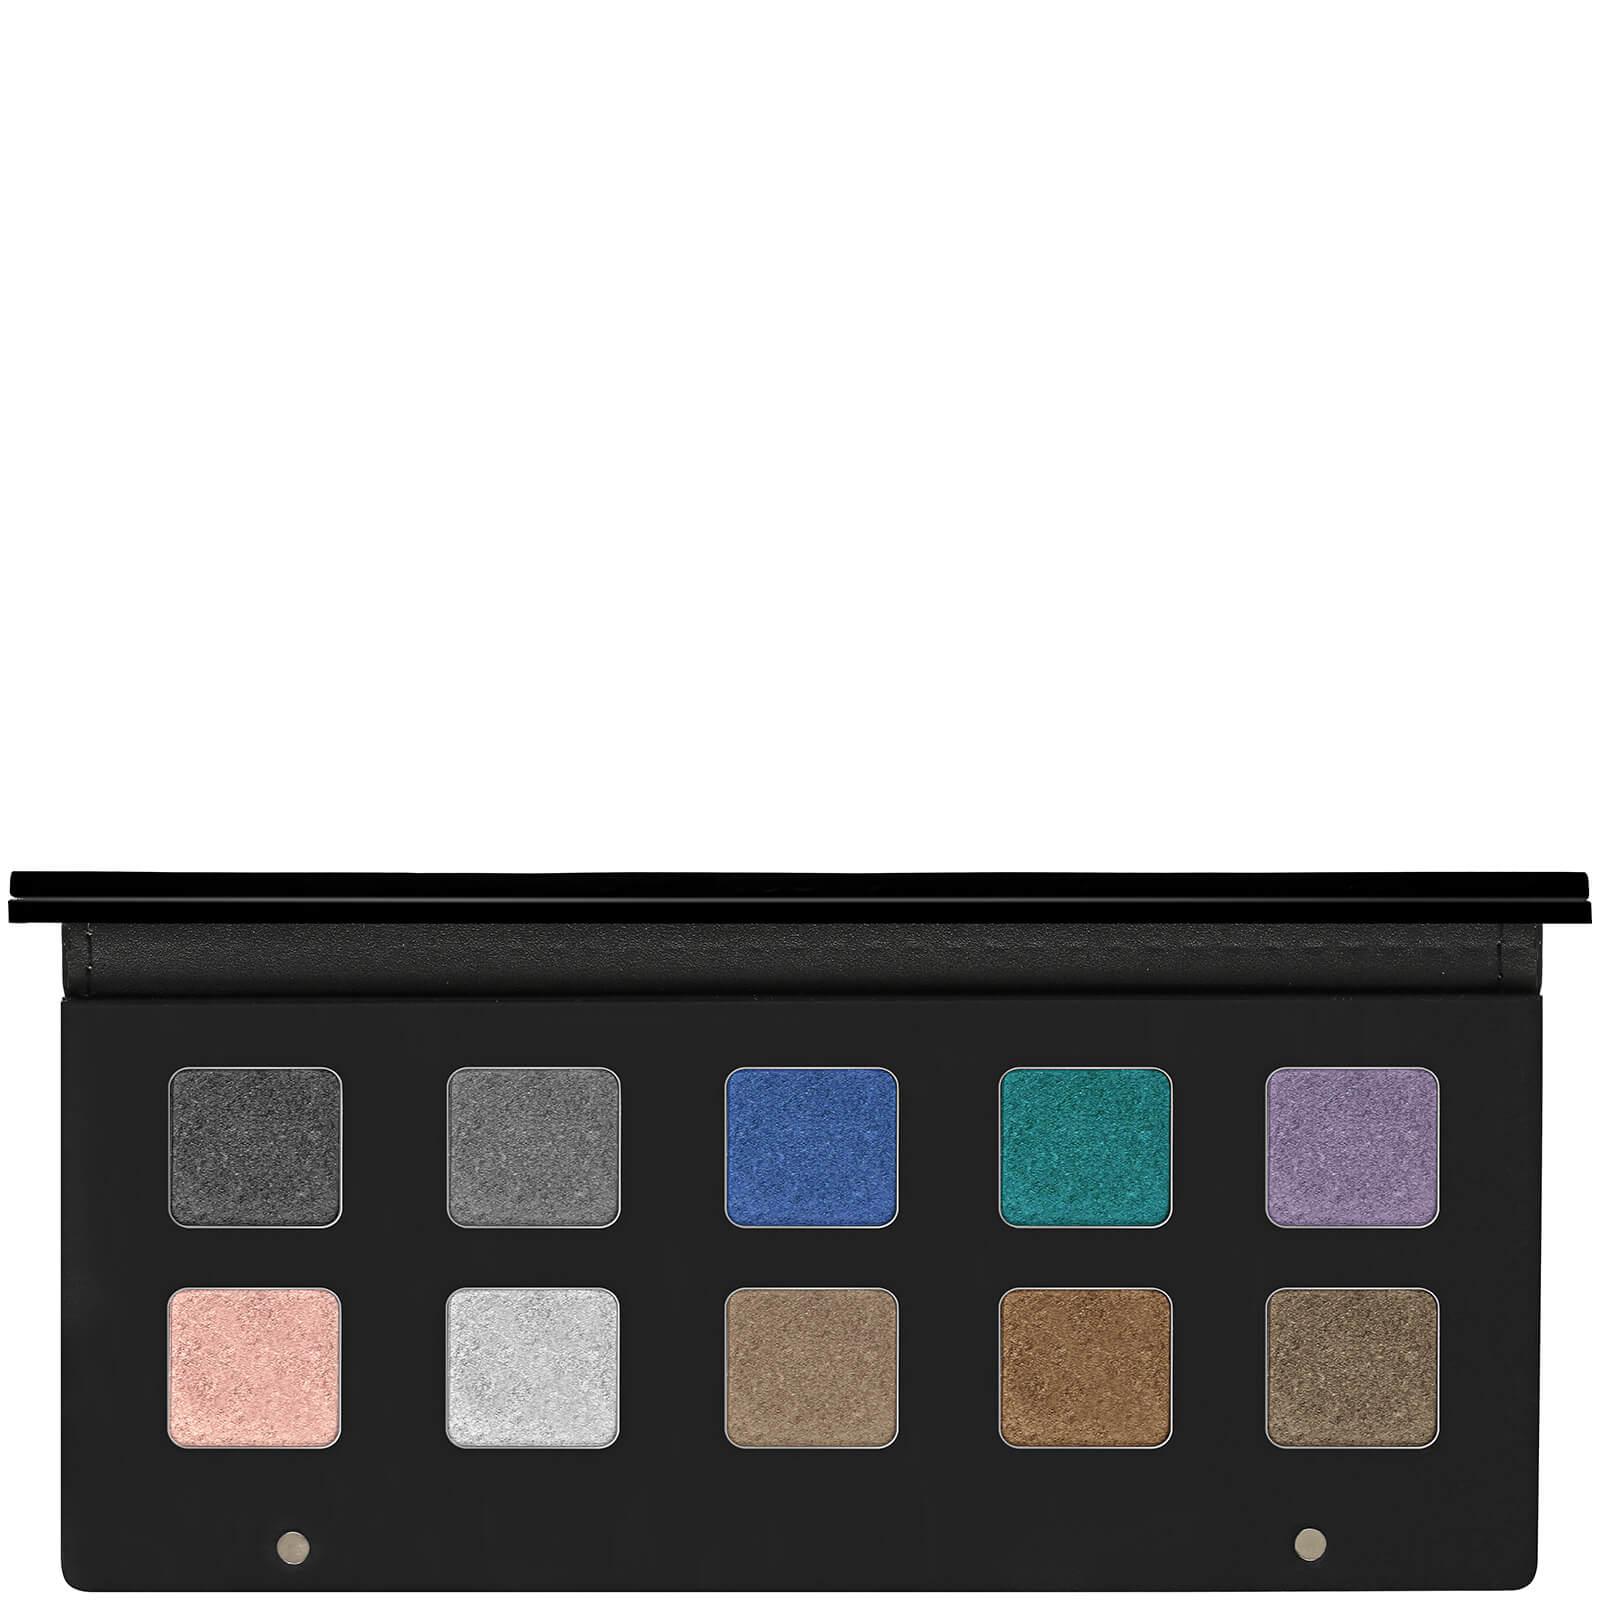 Natasha Denona Eyeshadow Palette 10